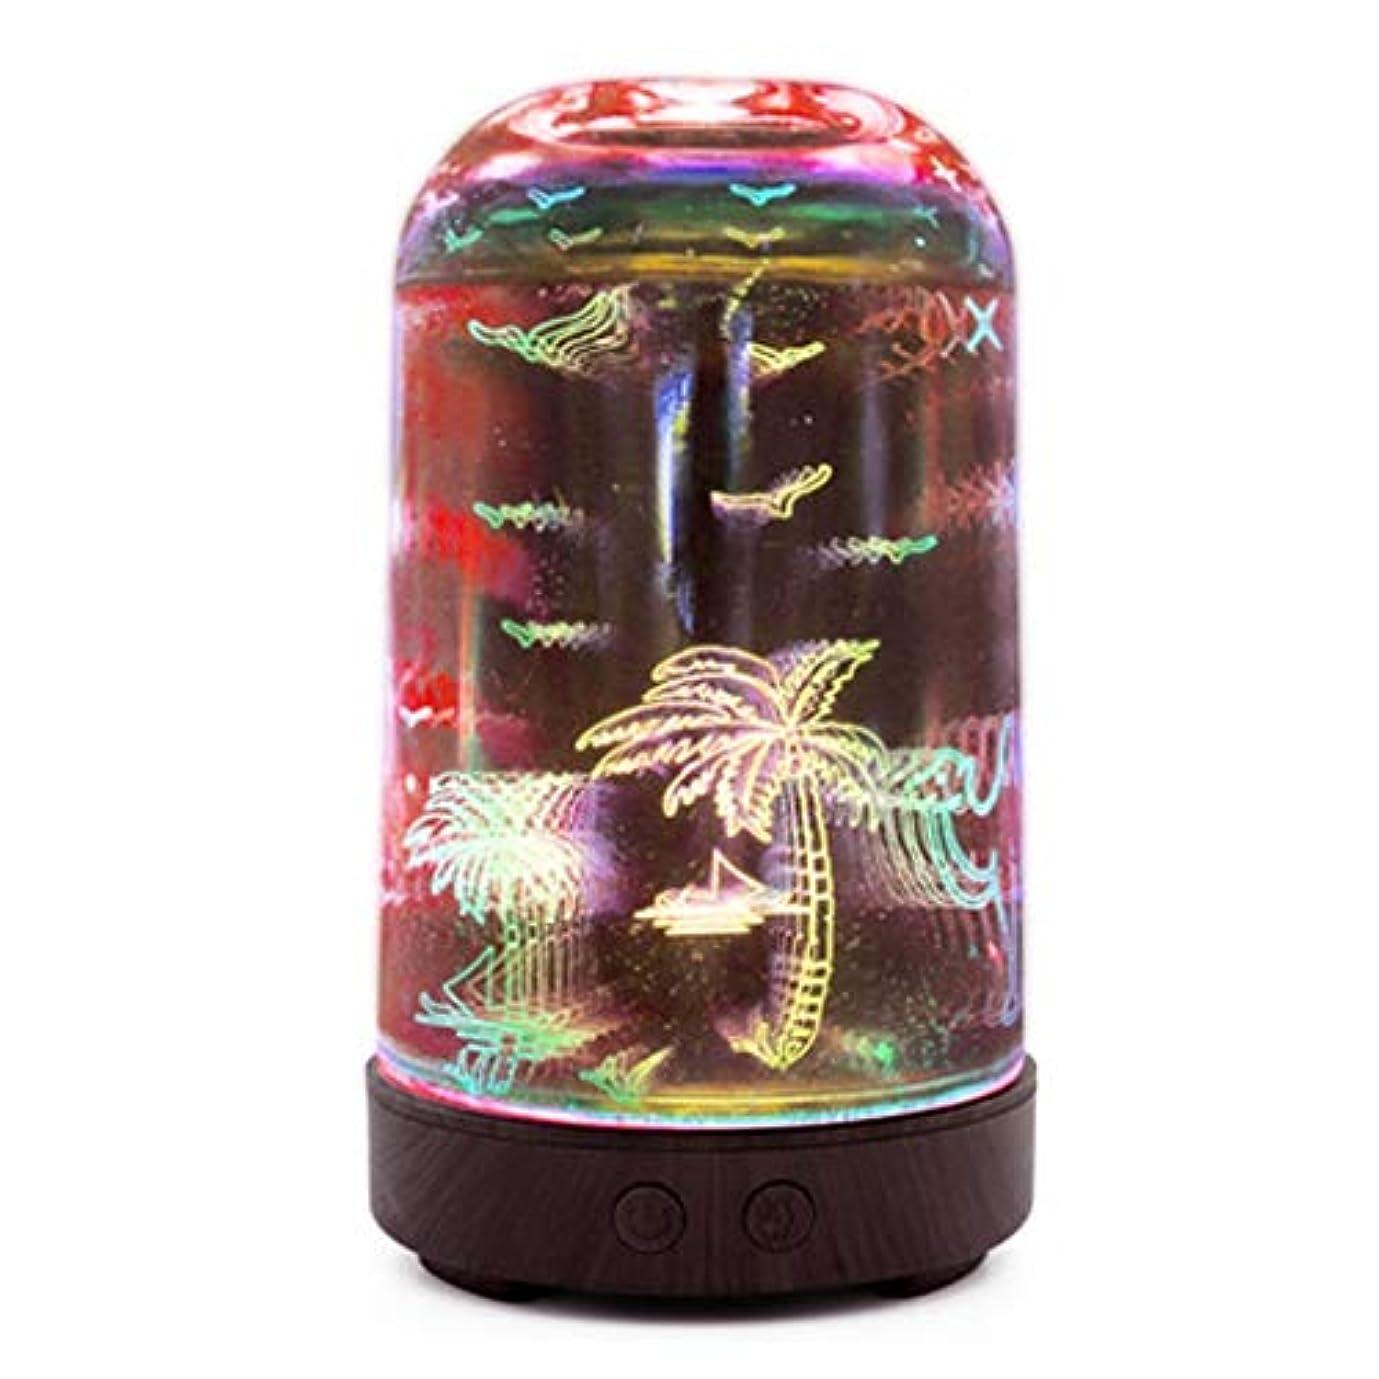 クラウド旅行代理店バックすばらしいLEDライト、便利な自動操業停止および大きい水漕が付いている3Dガラス100mlギャラクシー優れた超音波加湿器 (Color : Coconut tree)